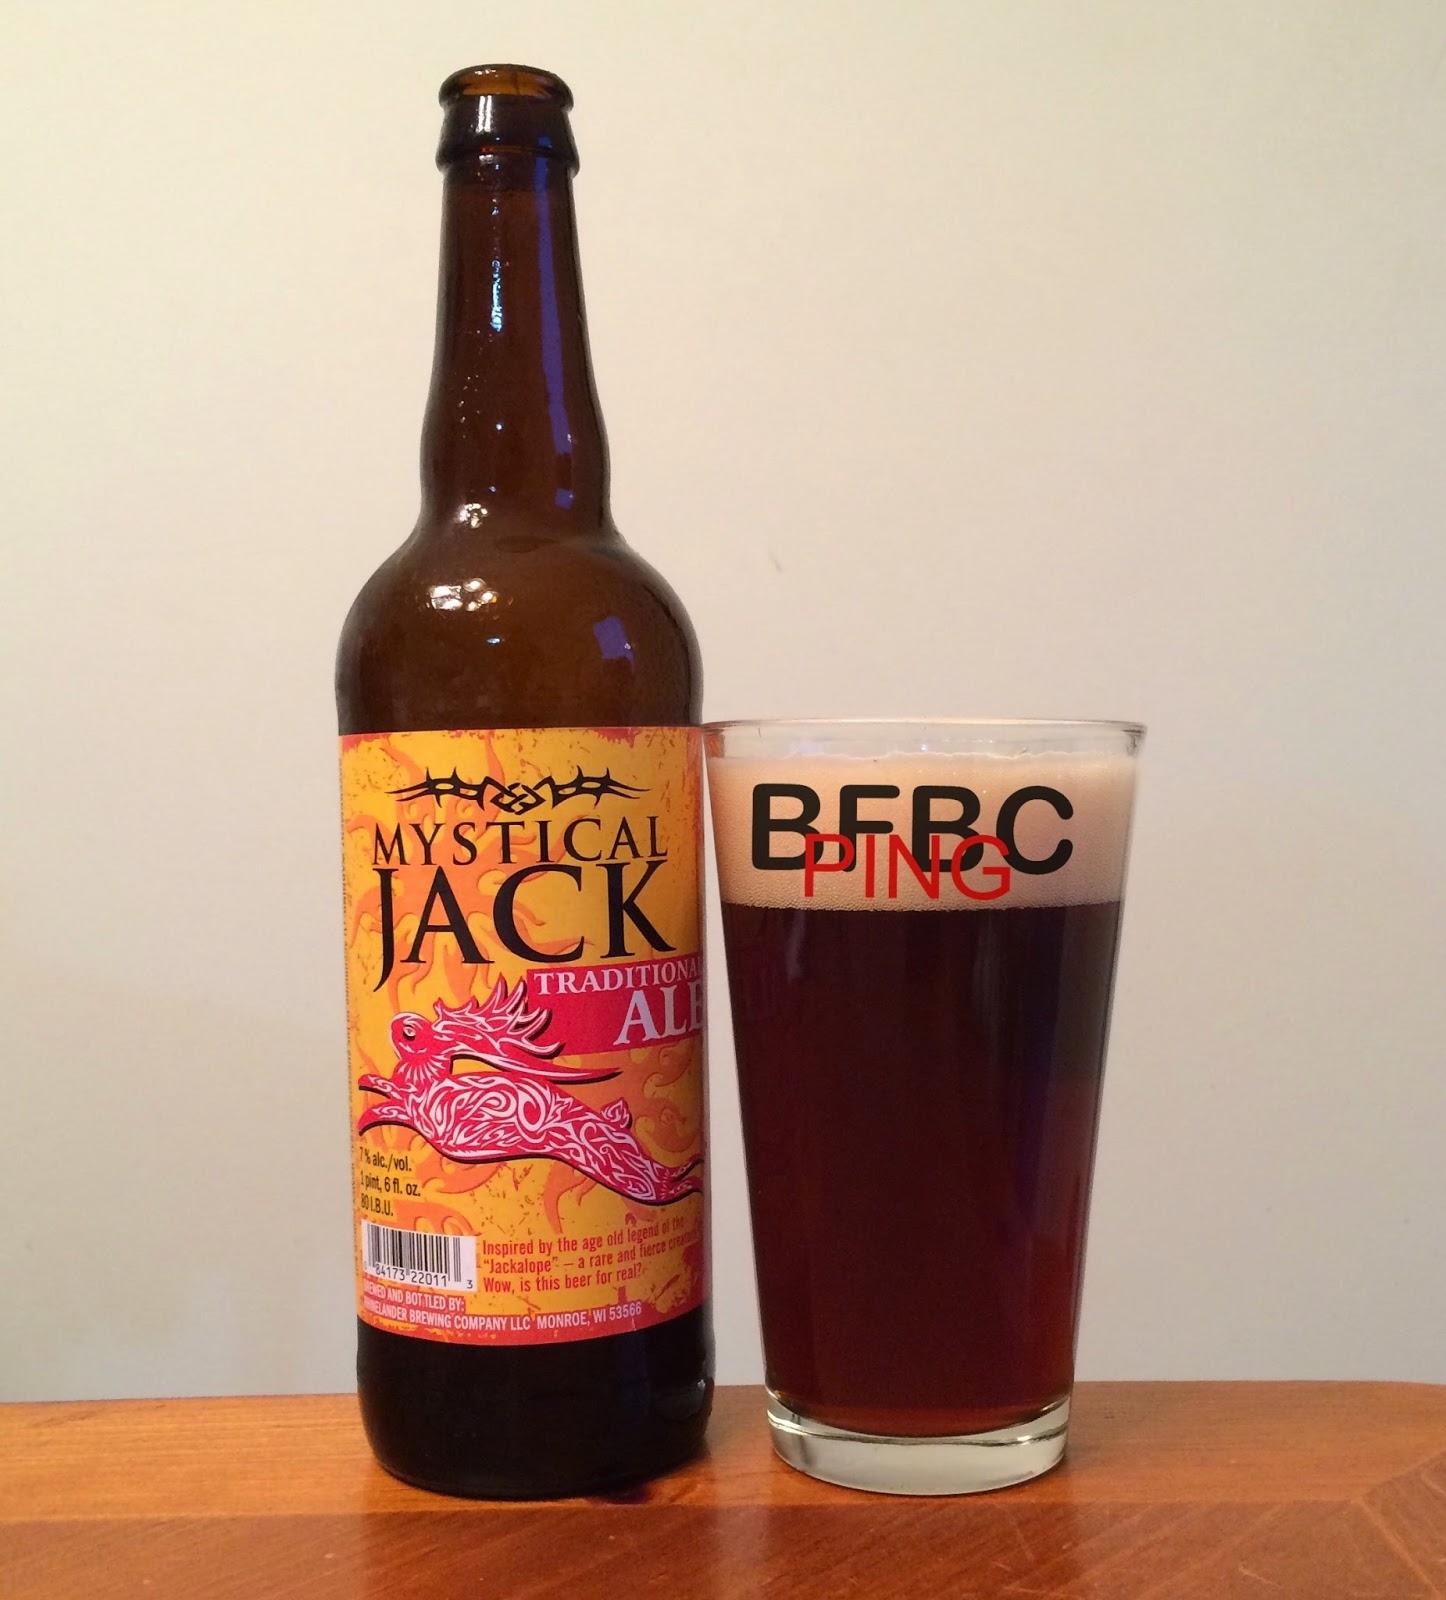 Rhinelander Mystical Jack Traditional Ale